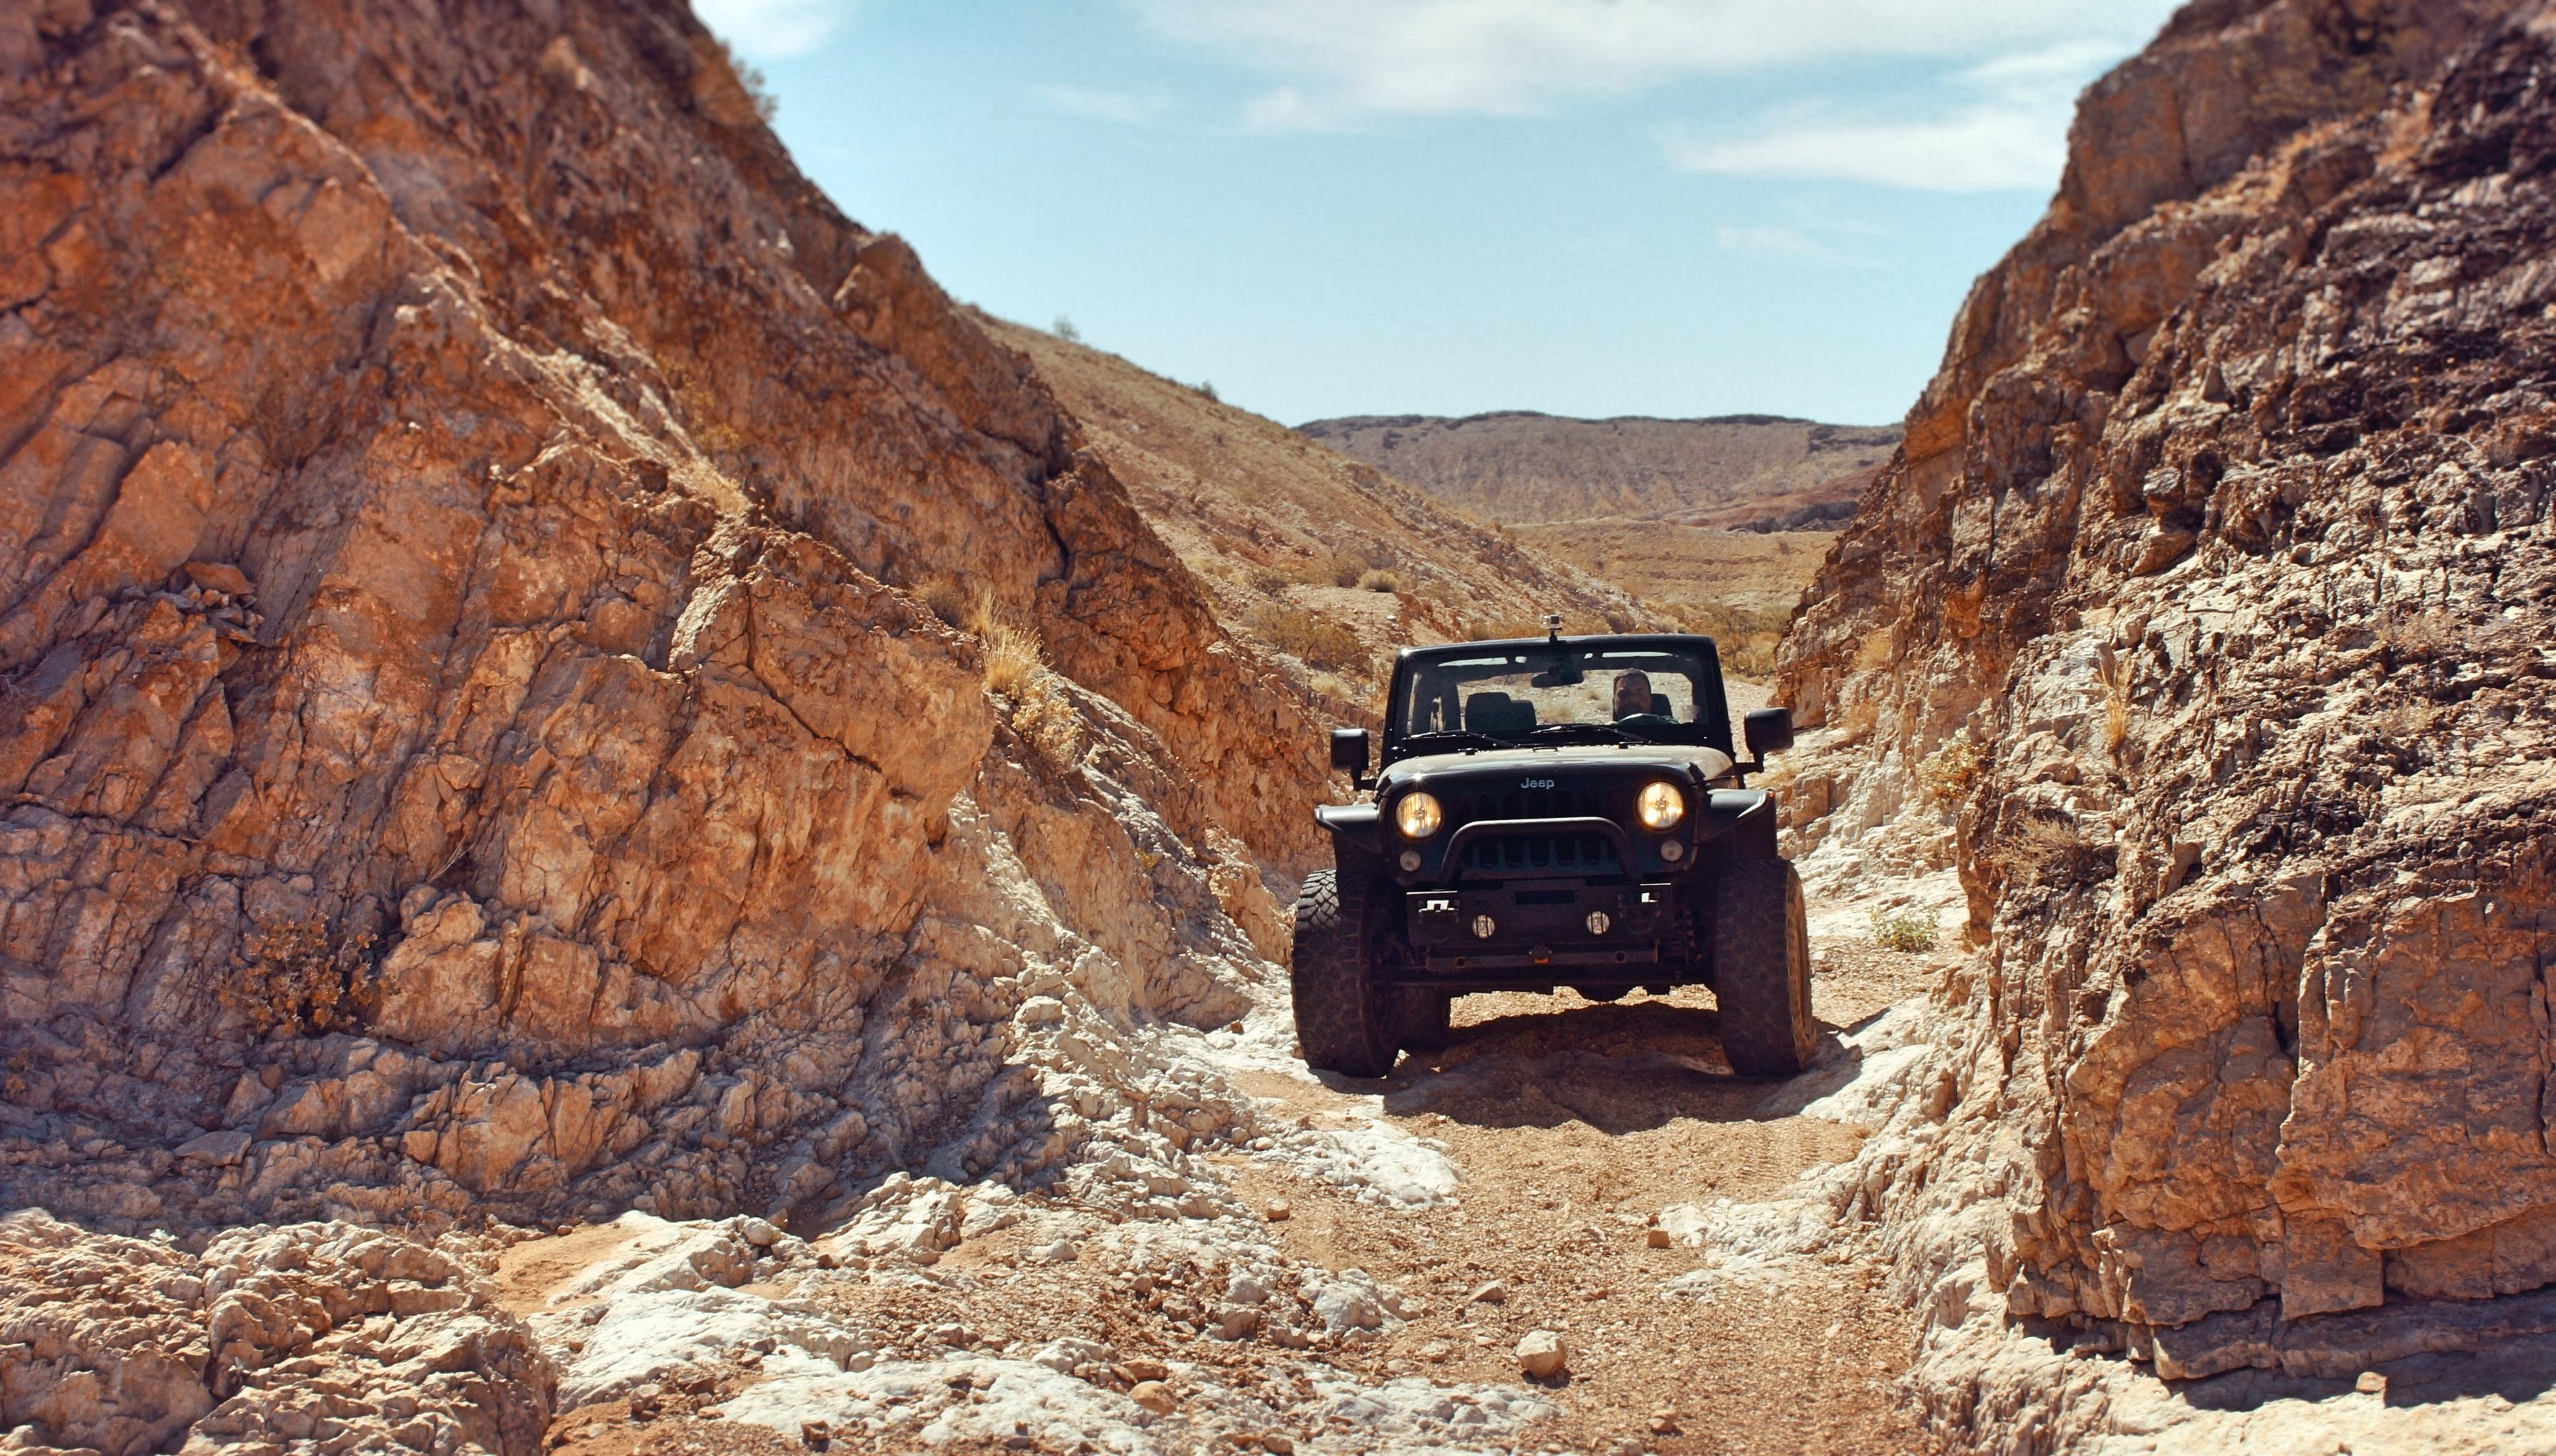 93557 Заставки и Обои Пустыня на телефон. Скачать Внедорожник, Пустыня, Тачки (Cars), Скалы, Jeep картинки бесплатно